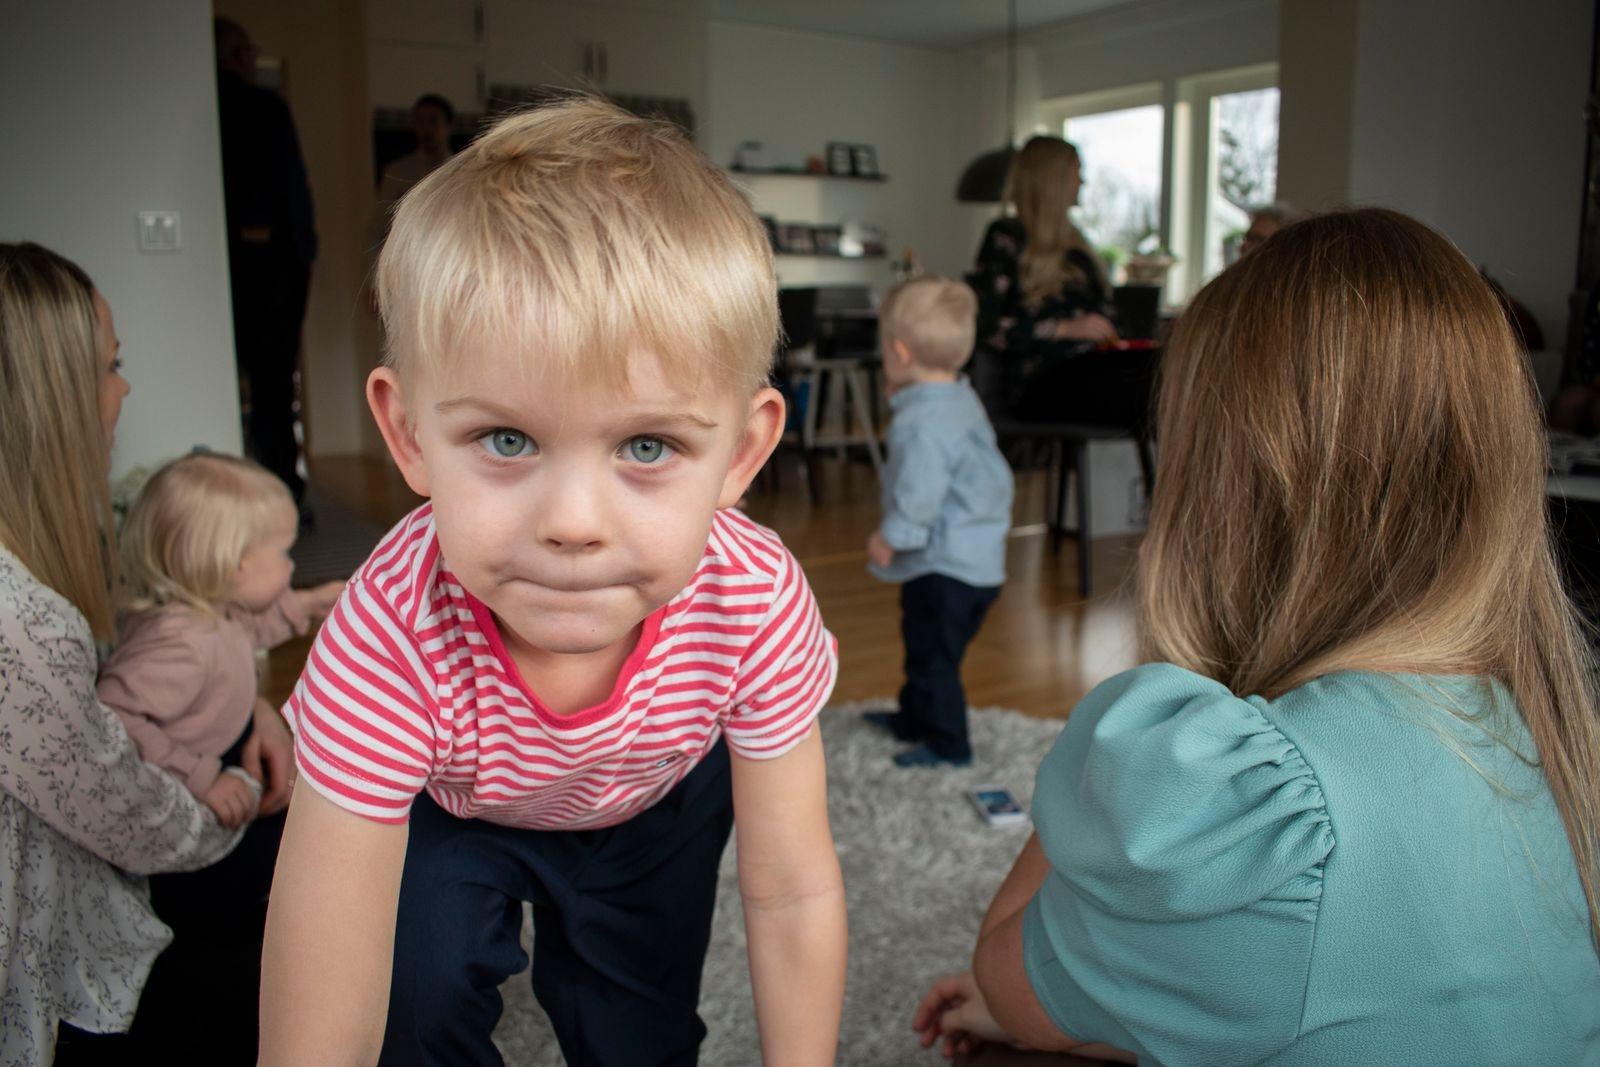 Gustens storebror Sixten är 5 år och har lärt småkusinerna allt han kan.